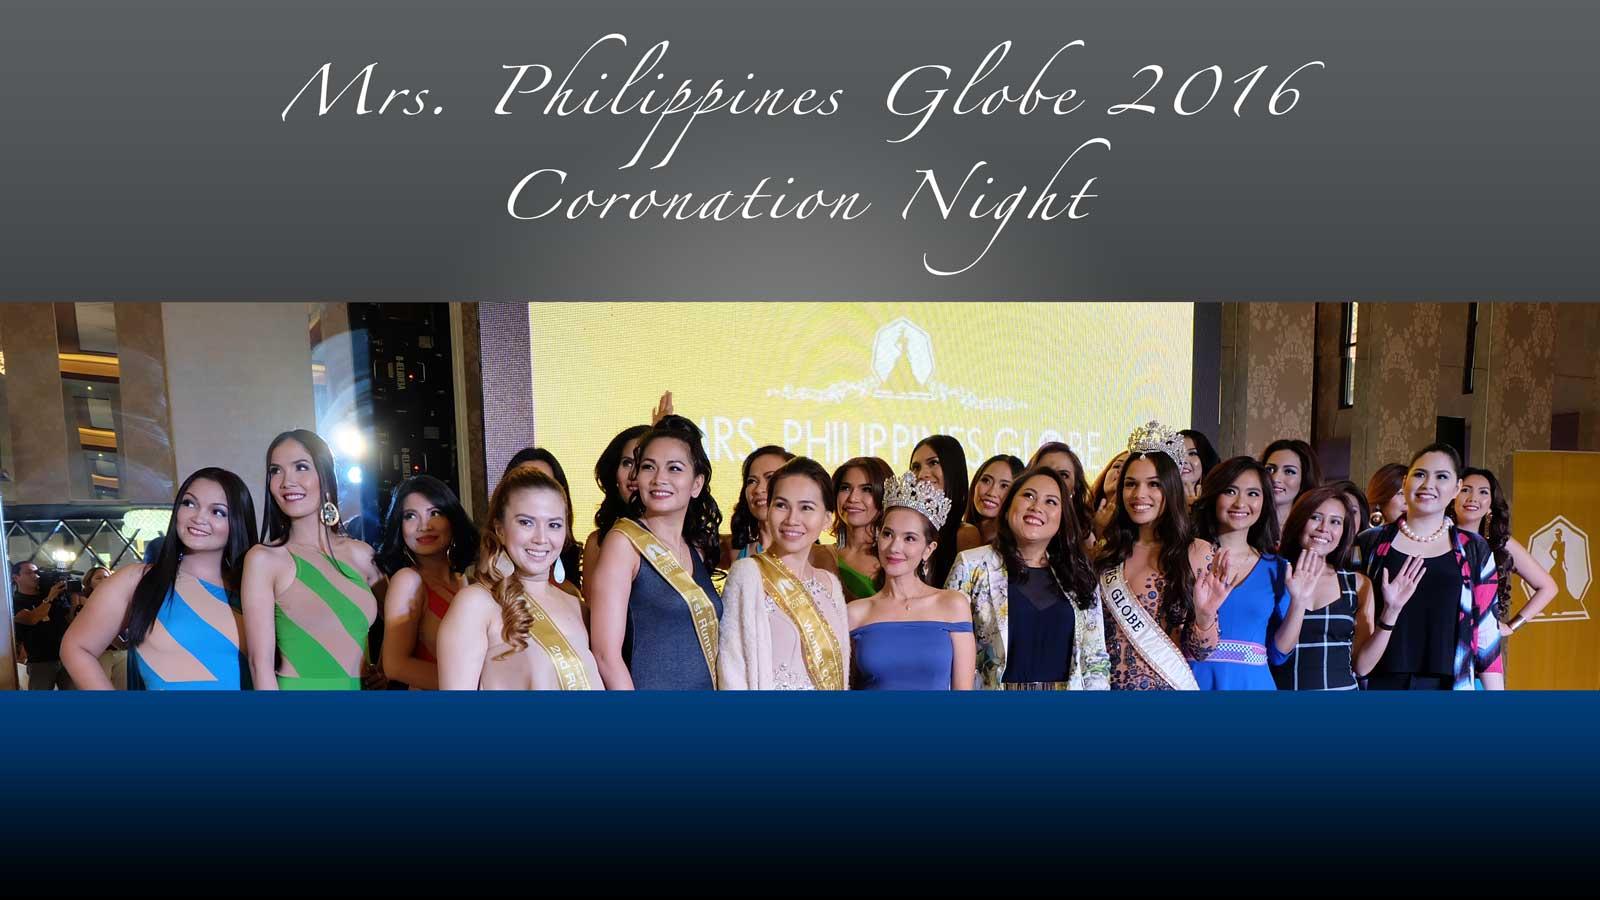 Mrs. Philippines Globe 2016 Coronation Night